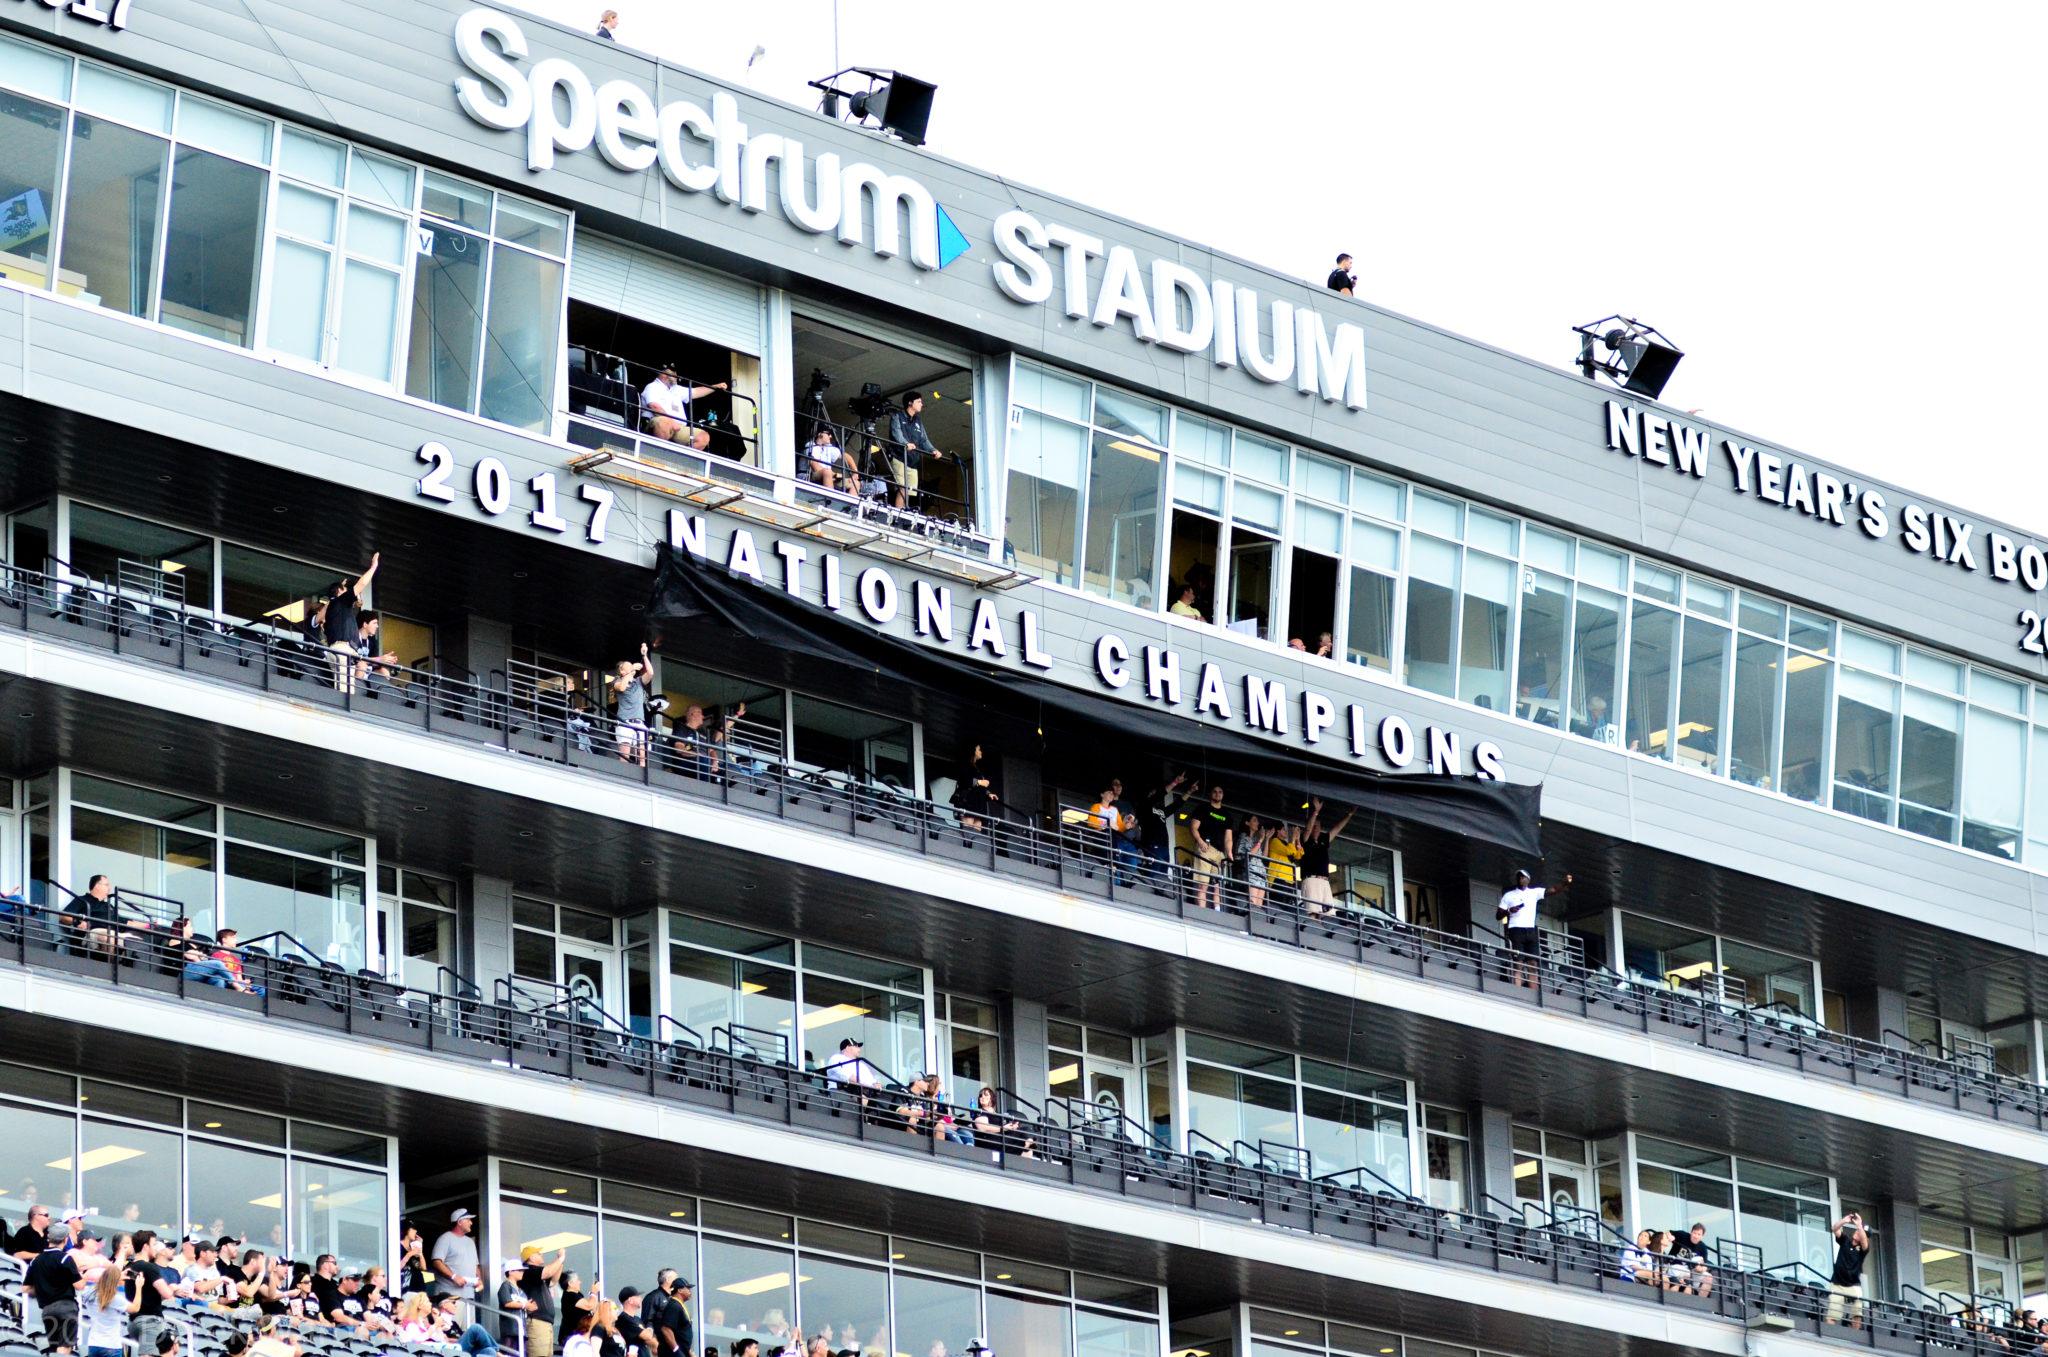 UCF's National Champions Marquee at Spectrum Stadium. (Photo: Derek Warden)